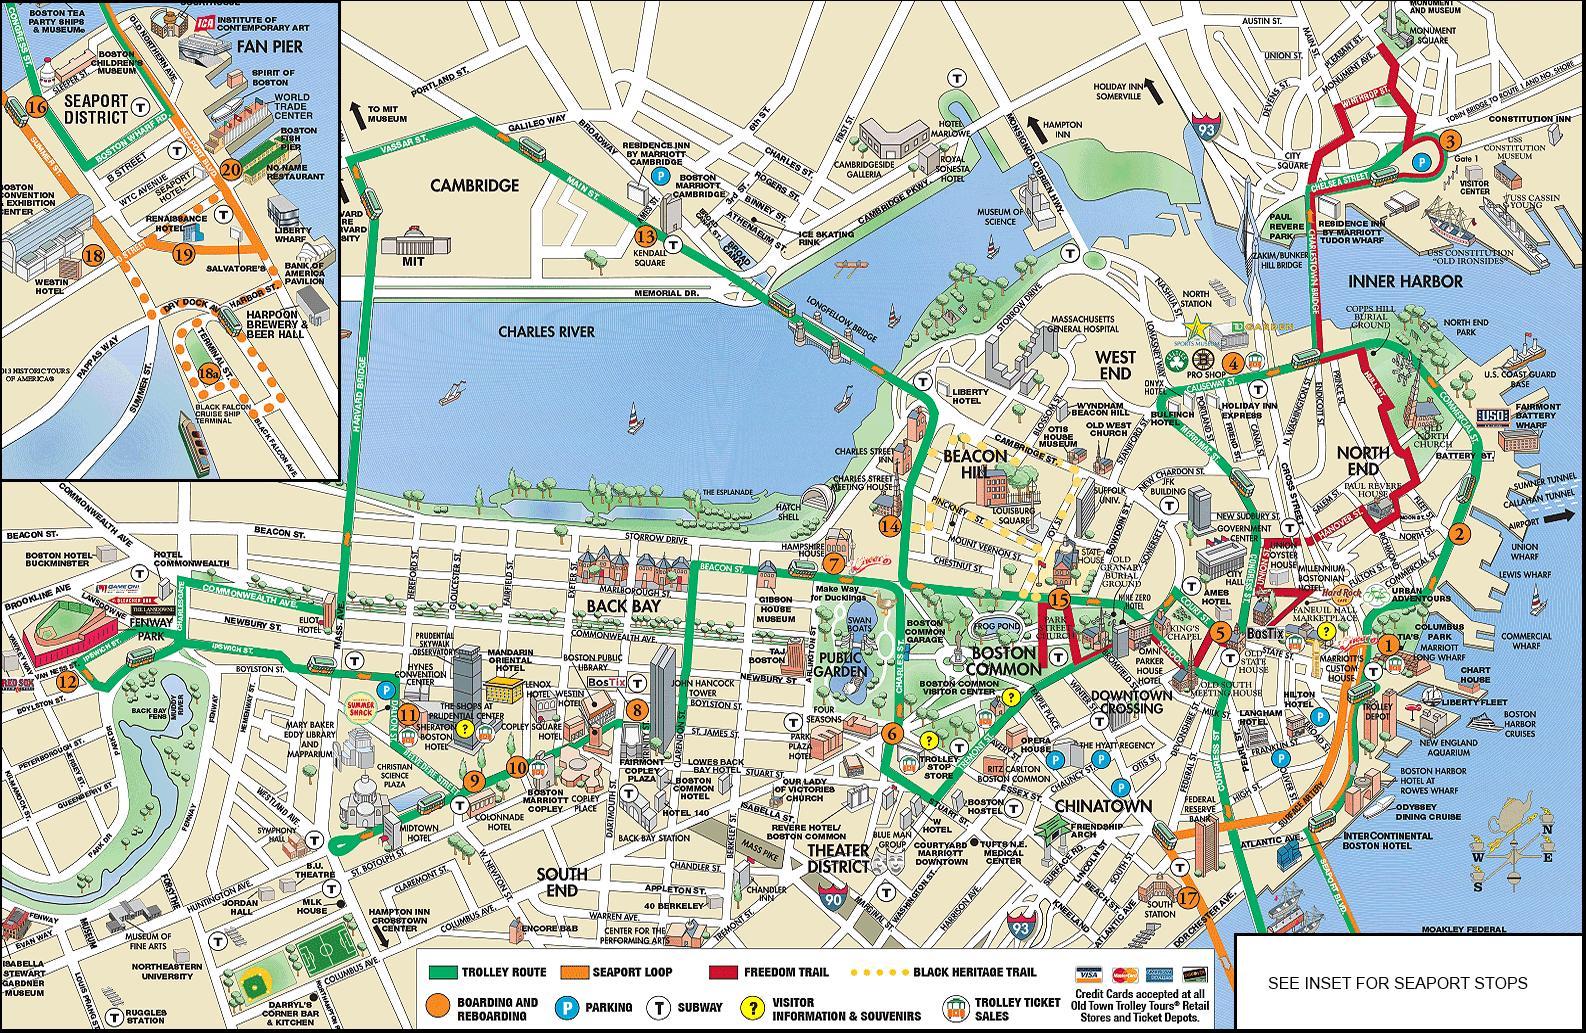 Boston Vaunun Kartta Boston Trolley Tours Kartta Yhdysvallat